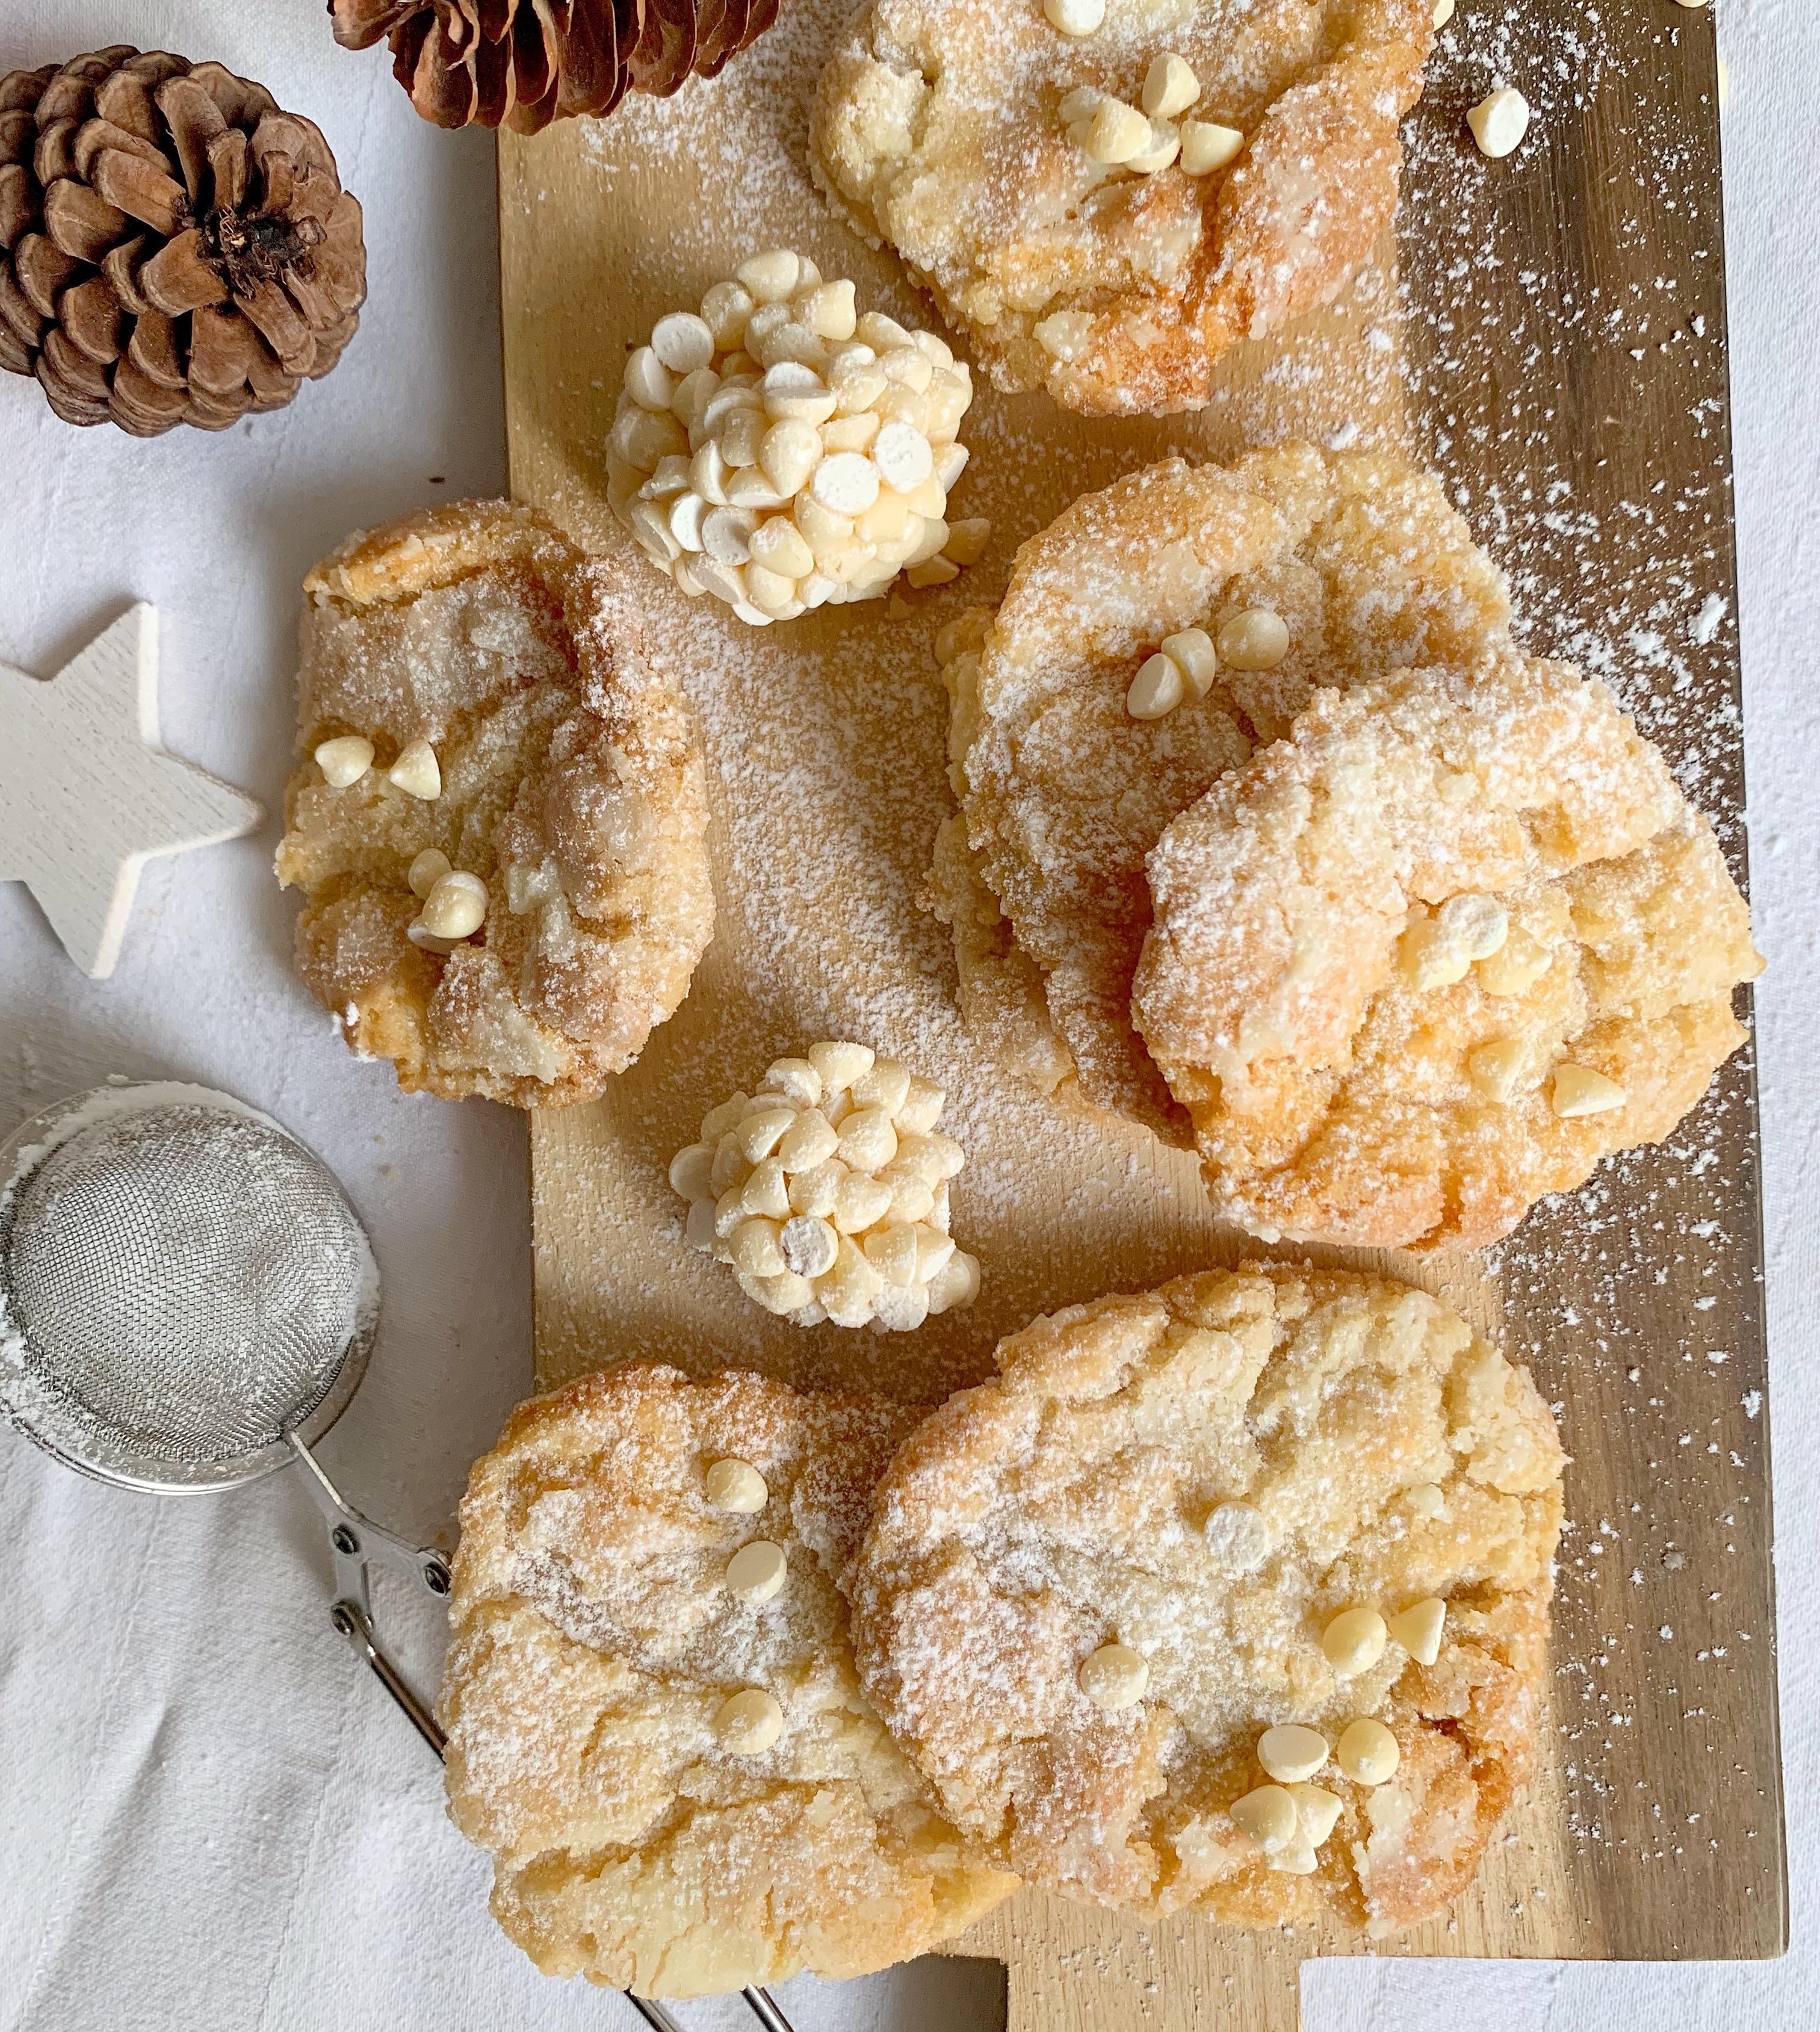 Cookies al Cioccolato Bianco Senza Burro, una variante golosa e originale di dolci senza burro